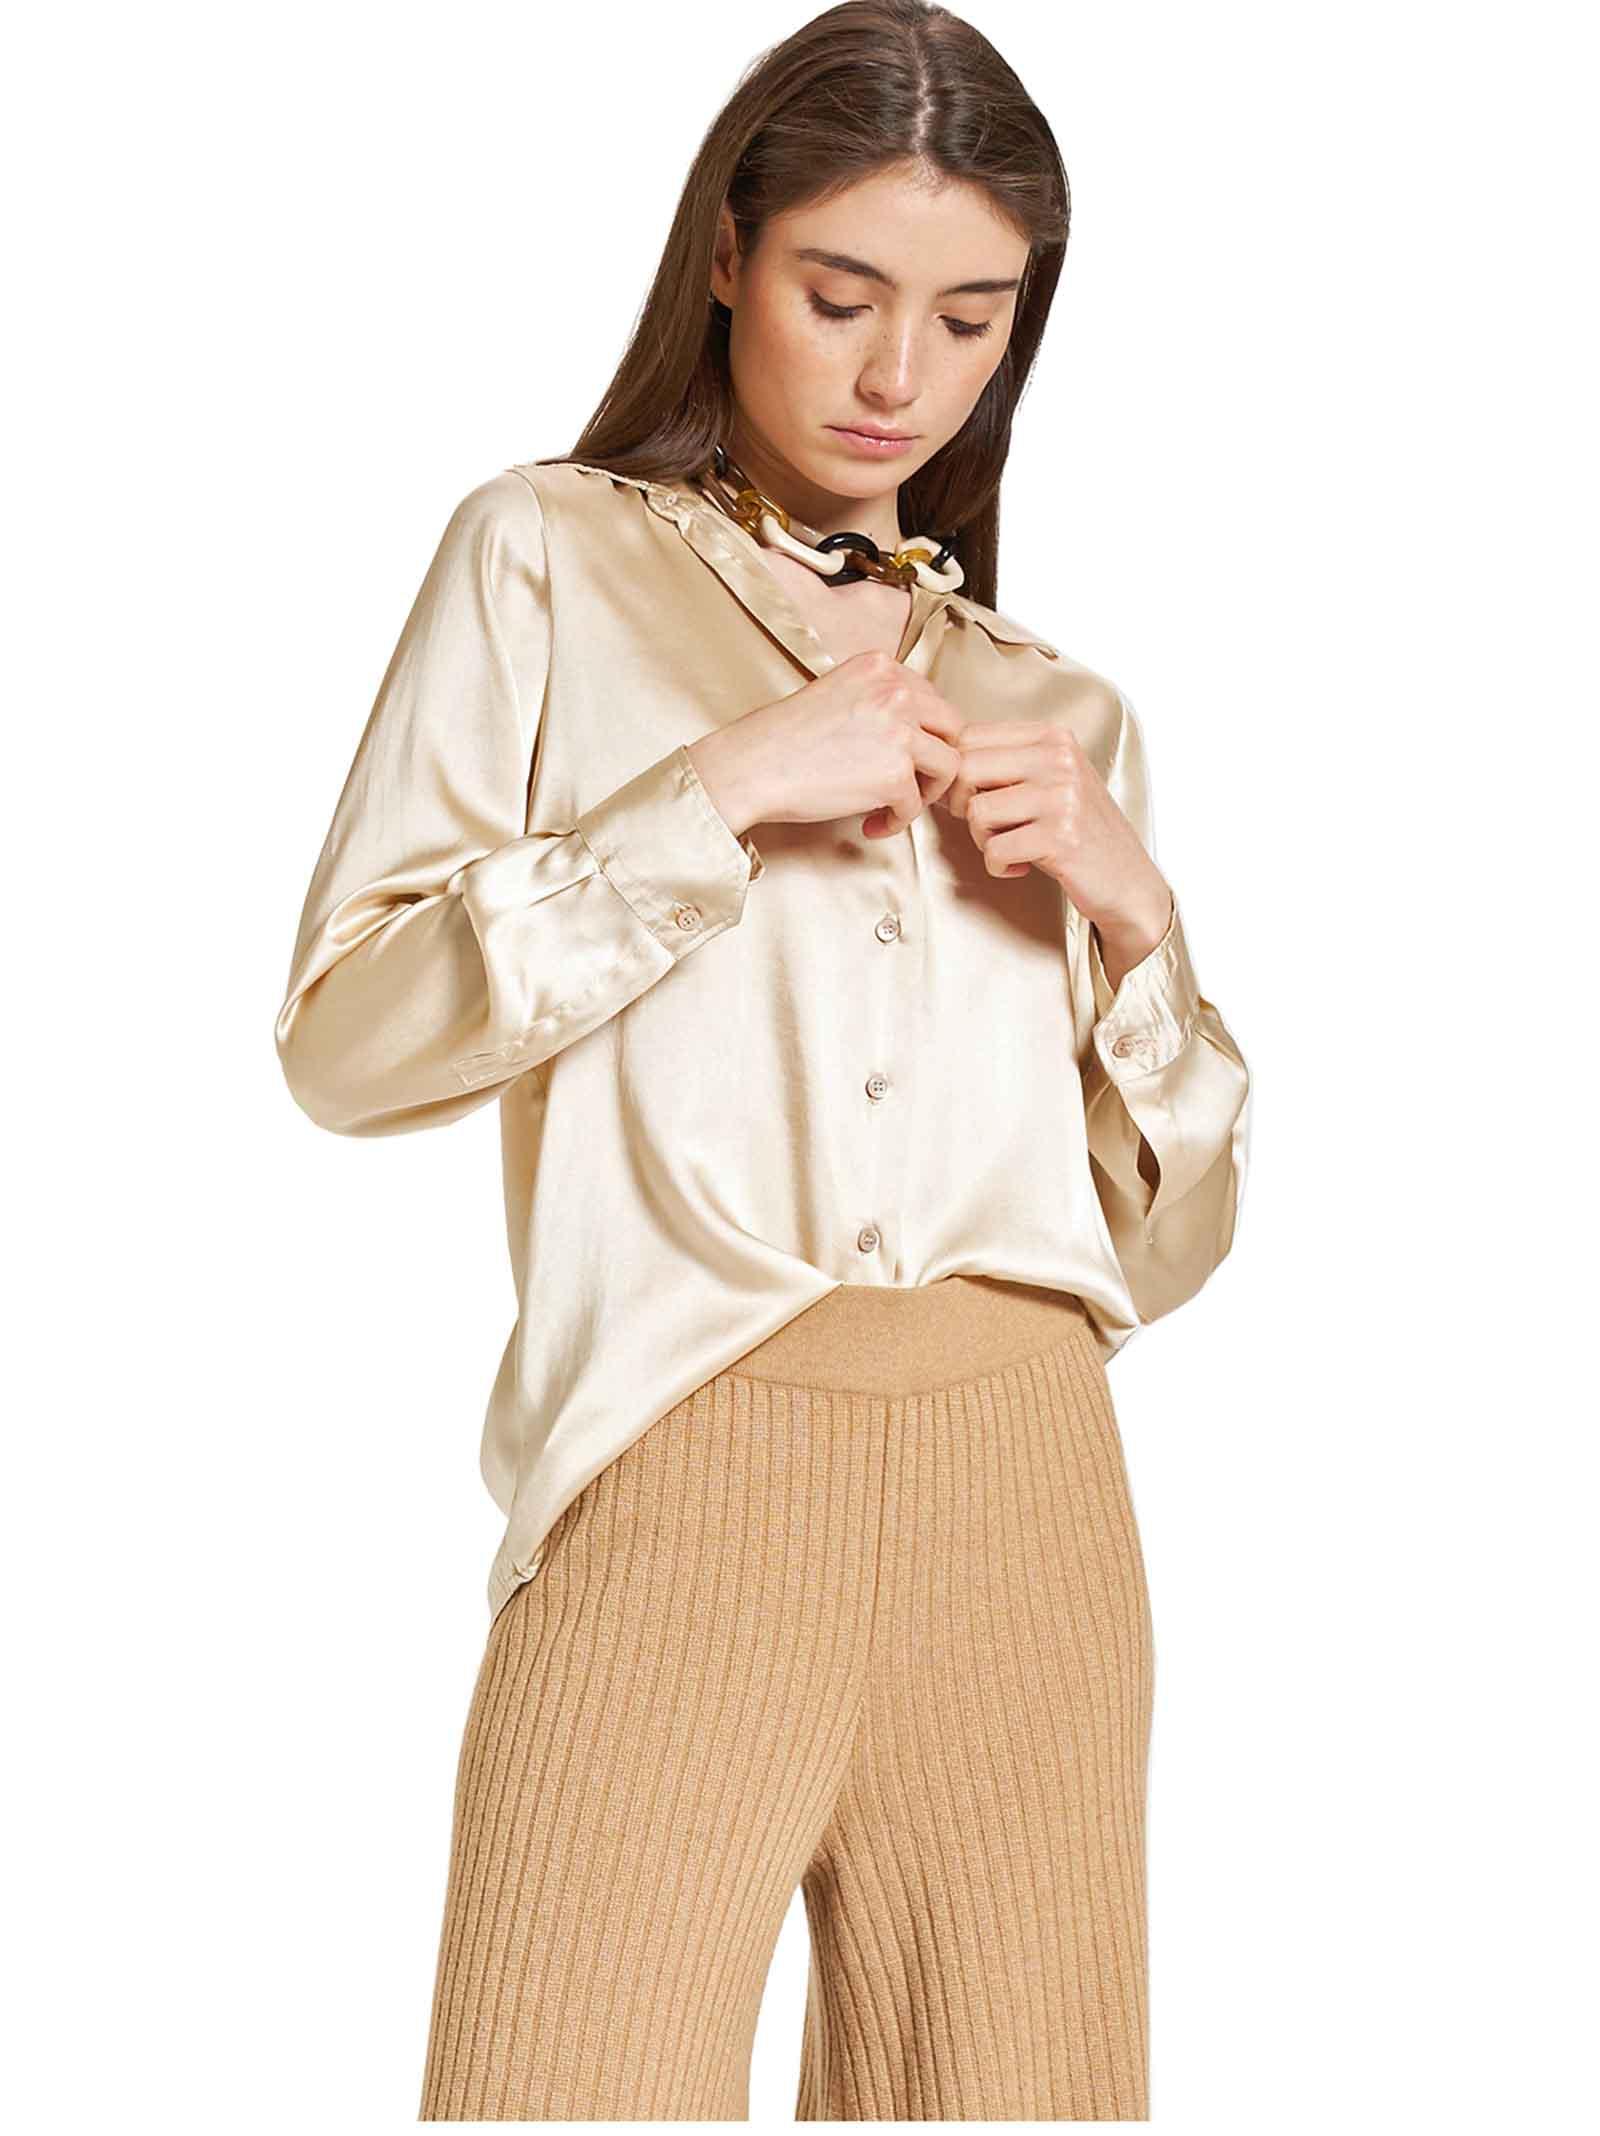 Abbigliamento Donna Camicia Silk Satin in Pura Seta 100% Beige Maniche Lunghe Maliparmi | Camicie e Top | JM21443102011010